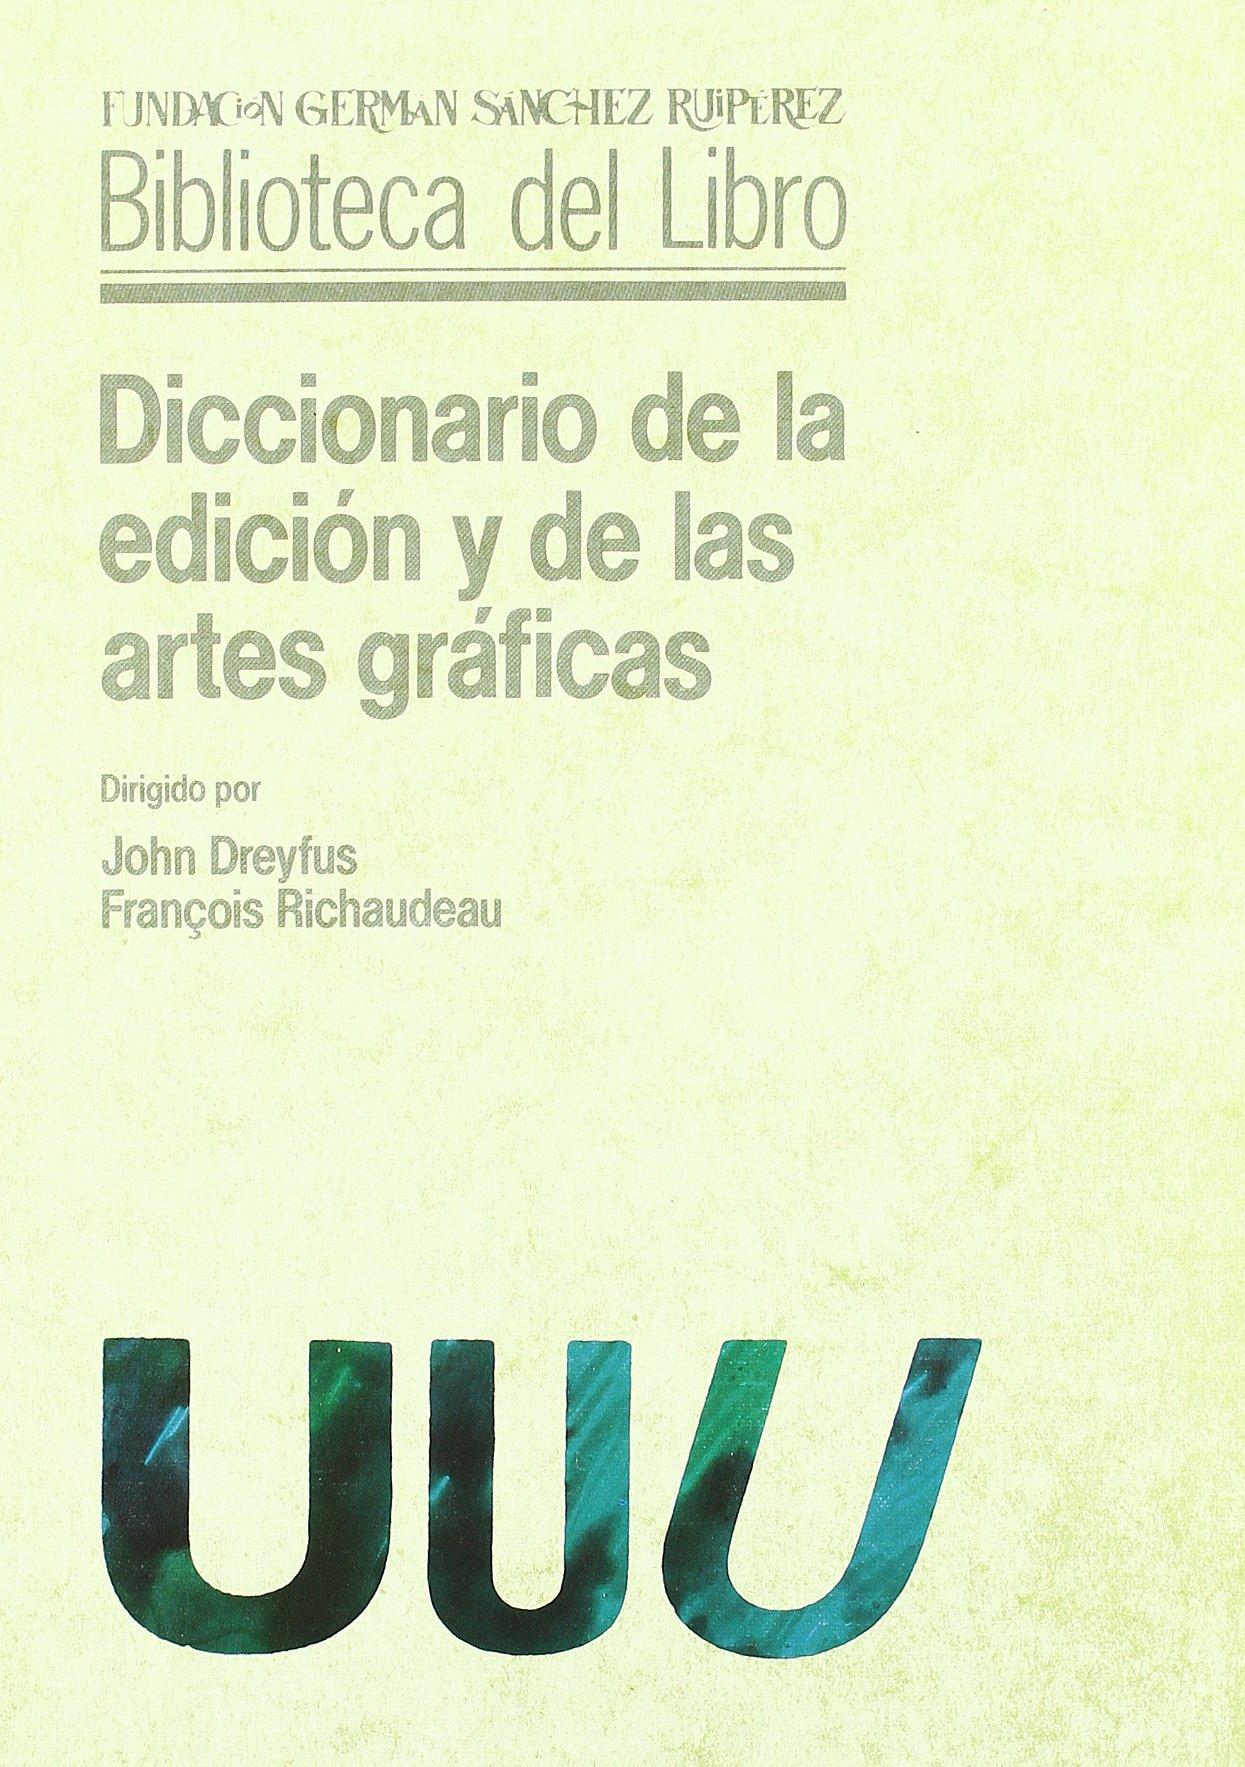 Diccionario de la edicion y de las artes graficas Tapa dura – 17 may 1990 John Dreyfus FranÇois Richaudeau Pirámide 8436805127